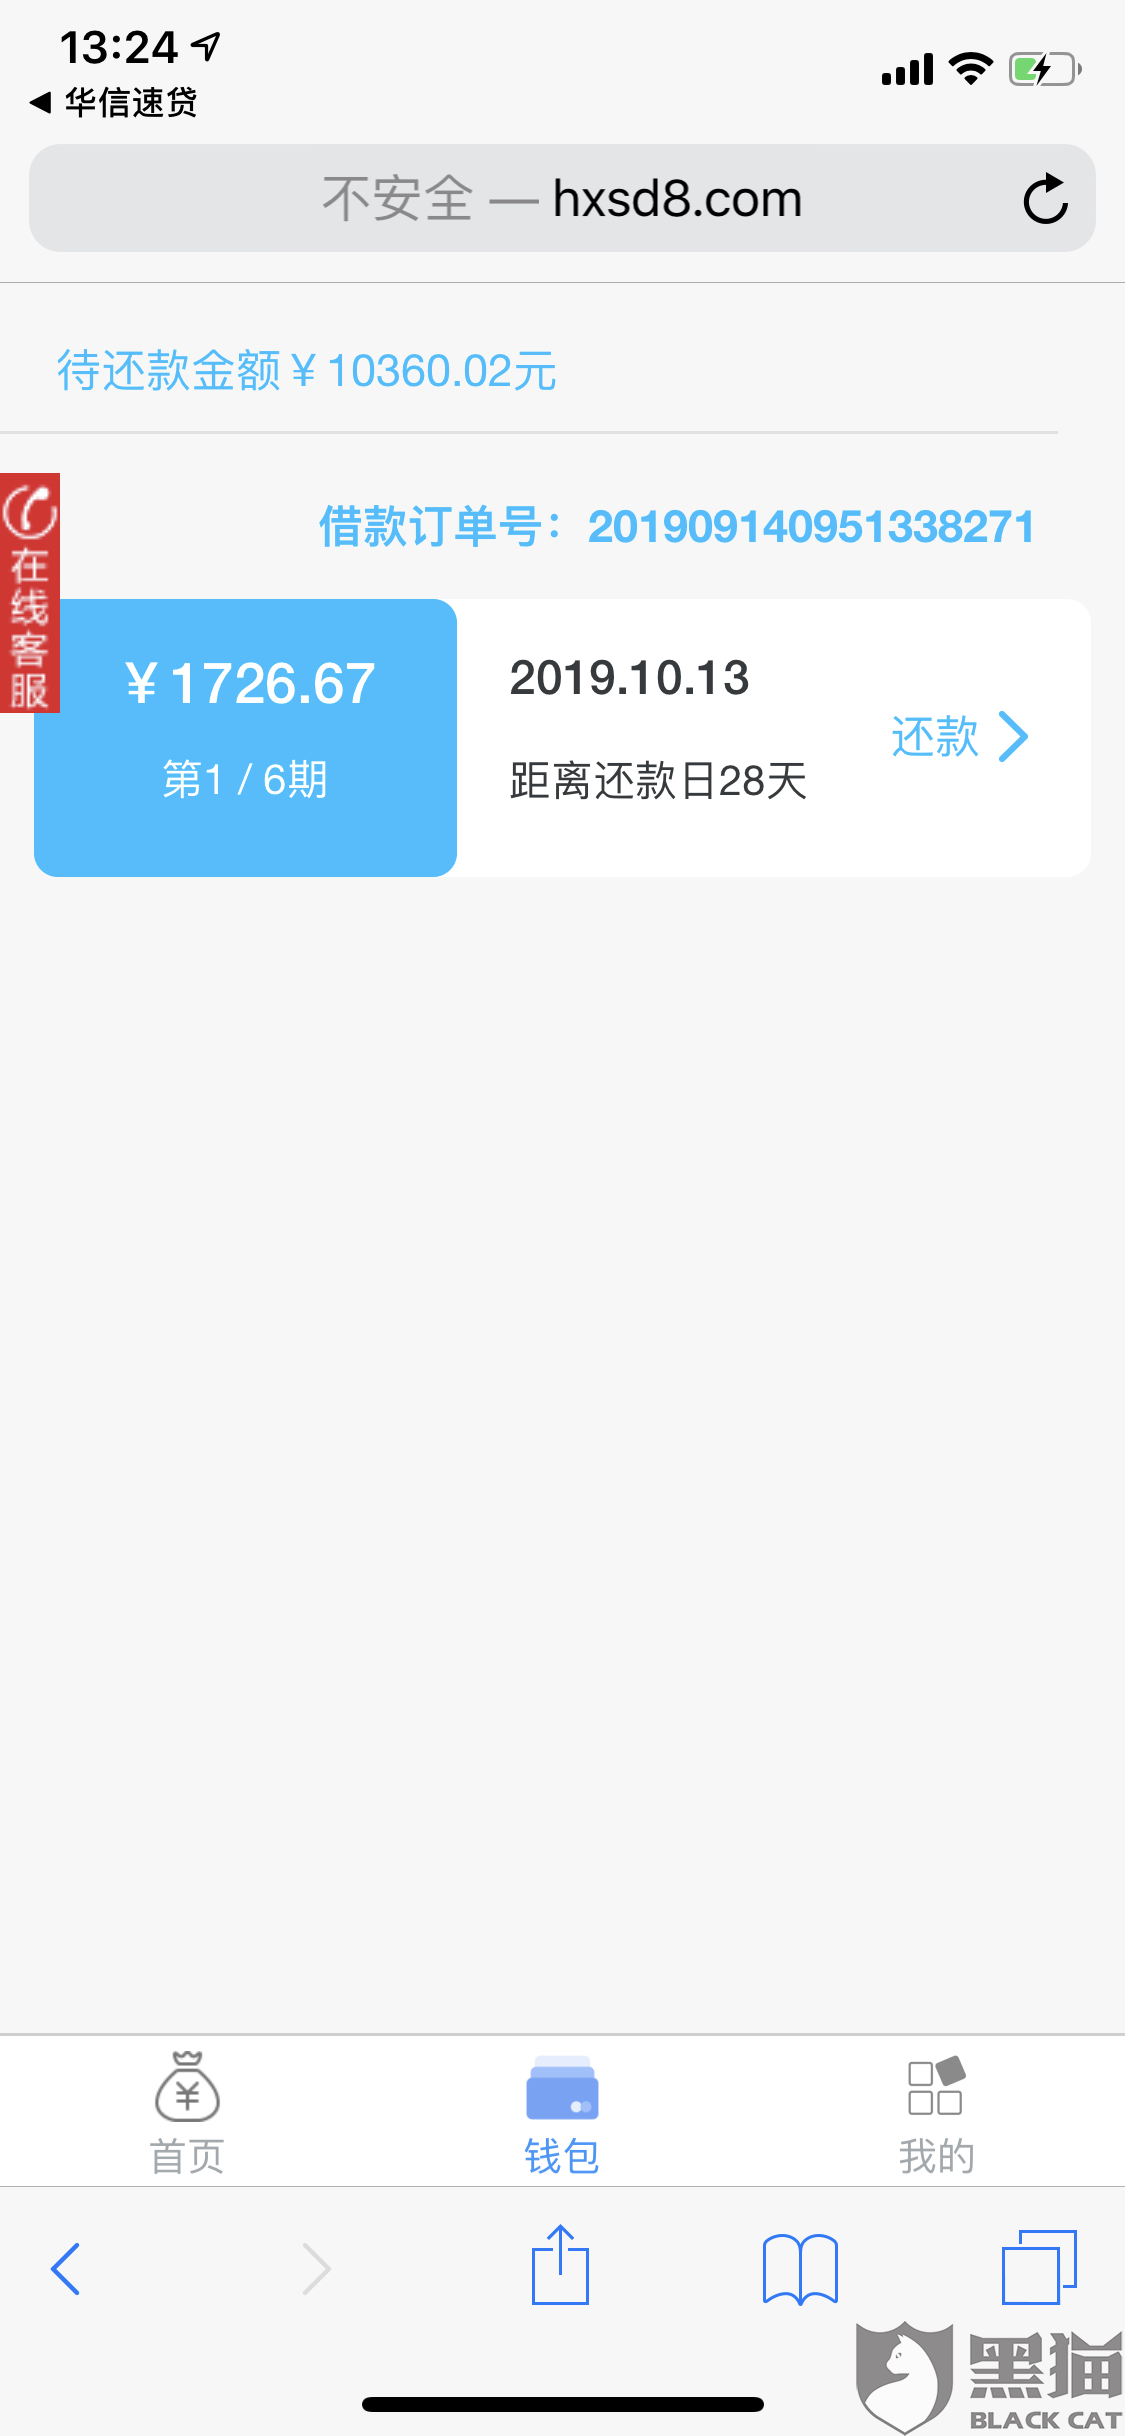 黑猫投诉:上海华信国际集团财务有限责任公司